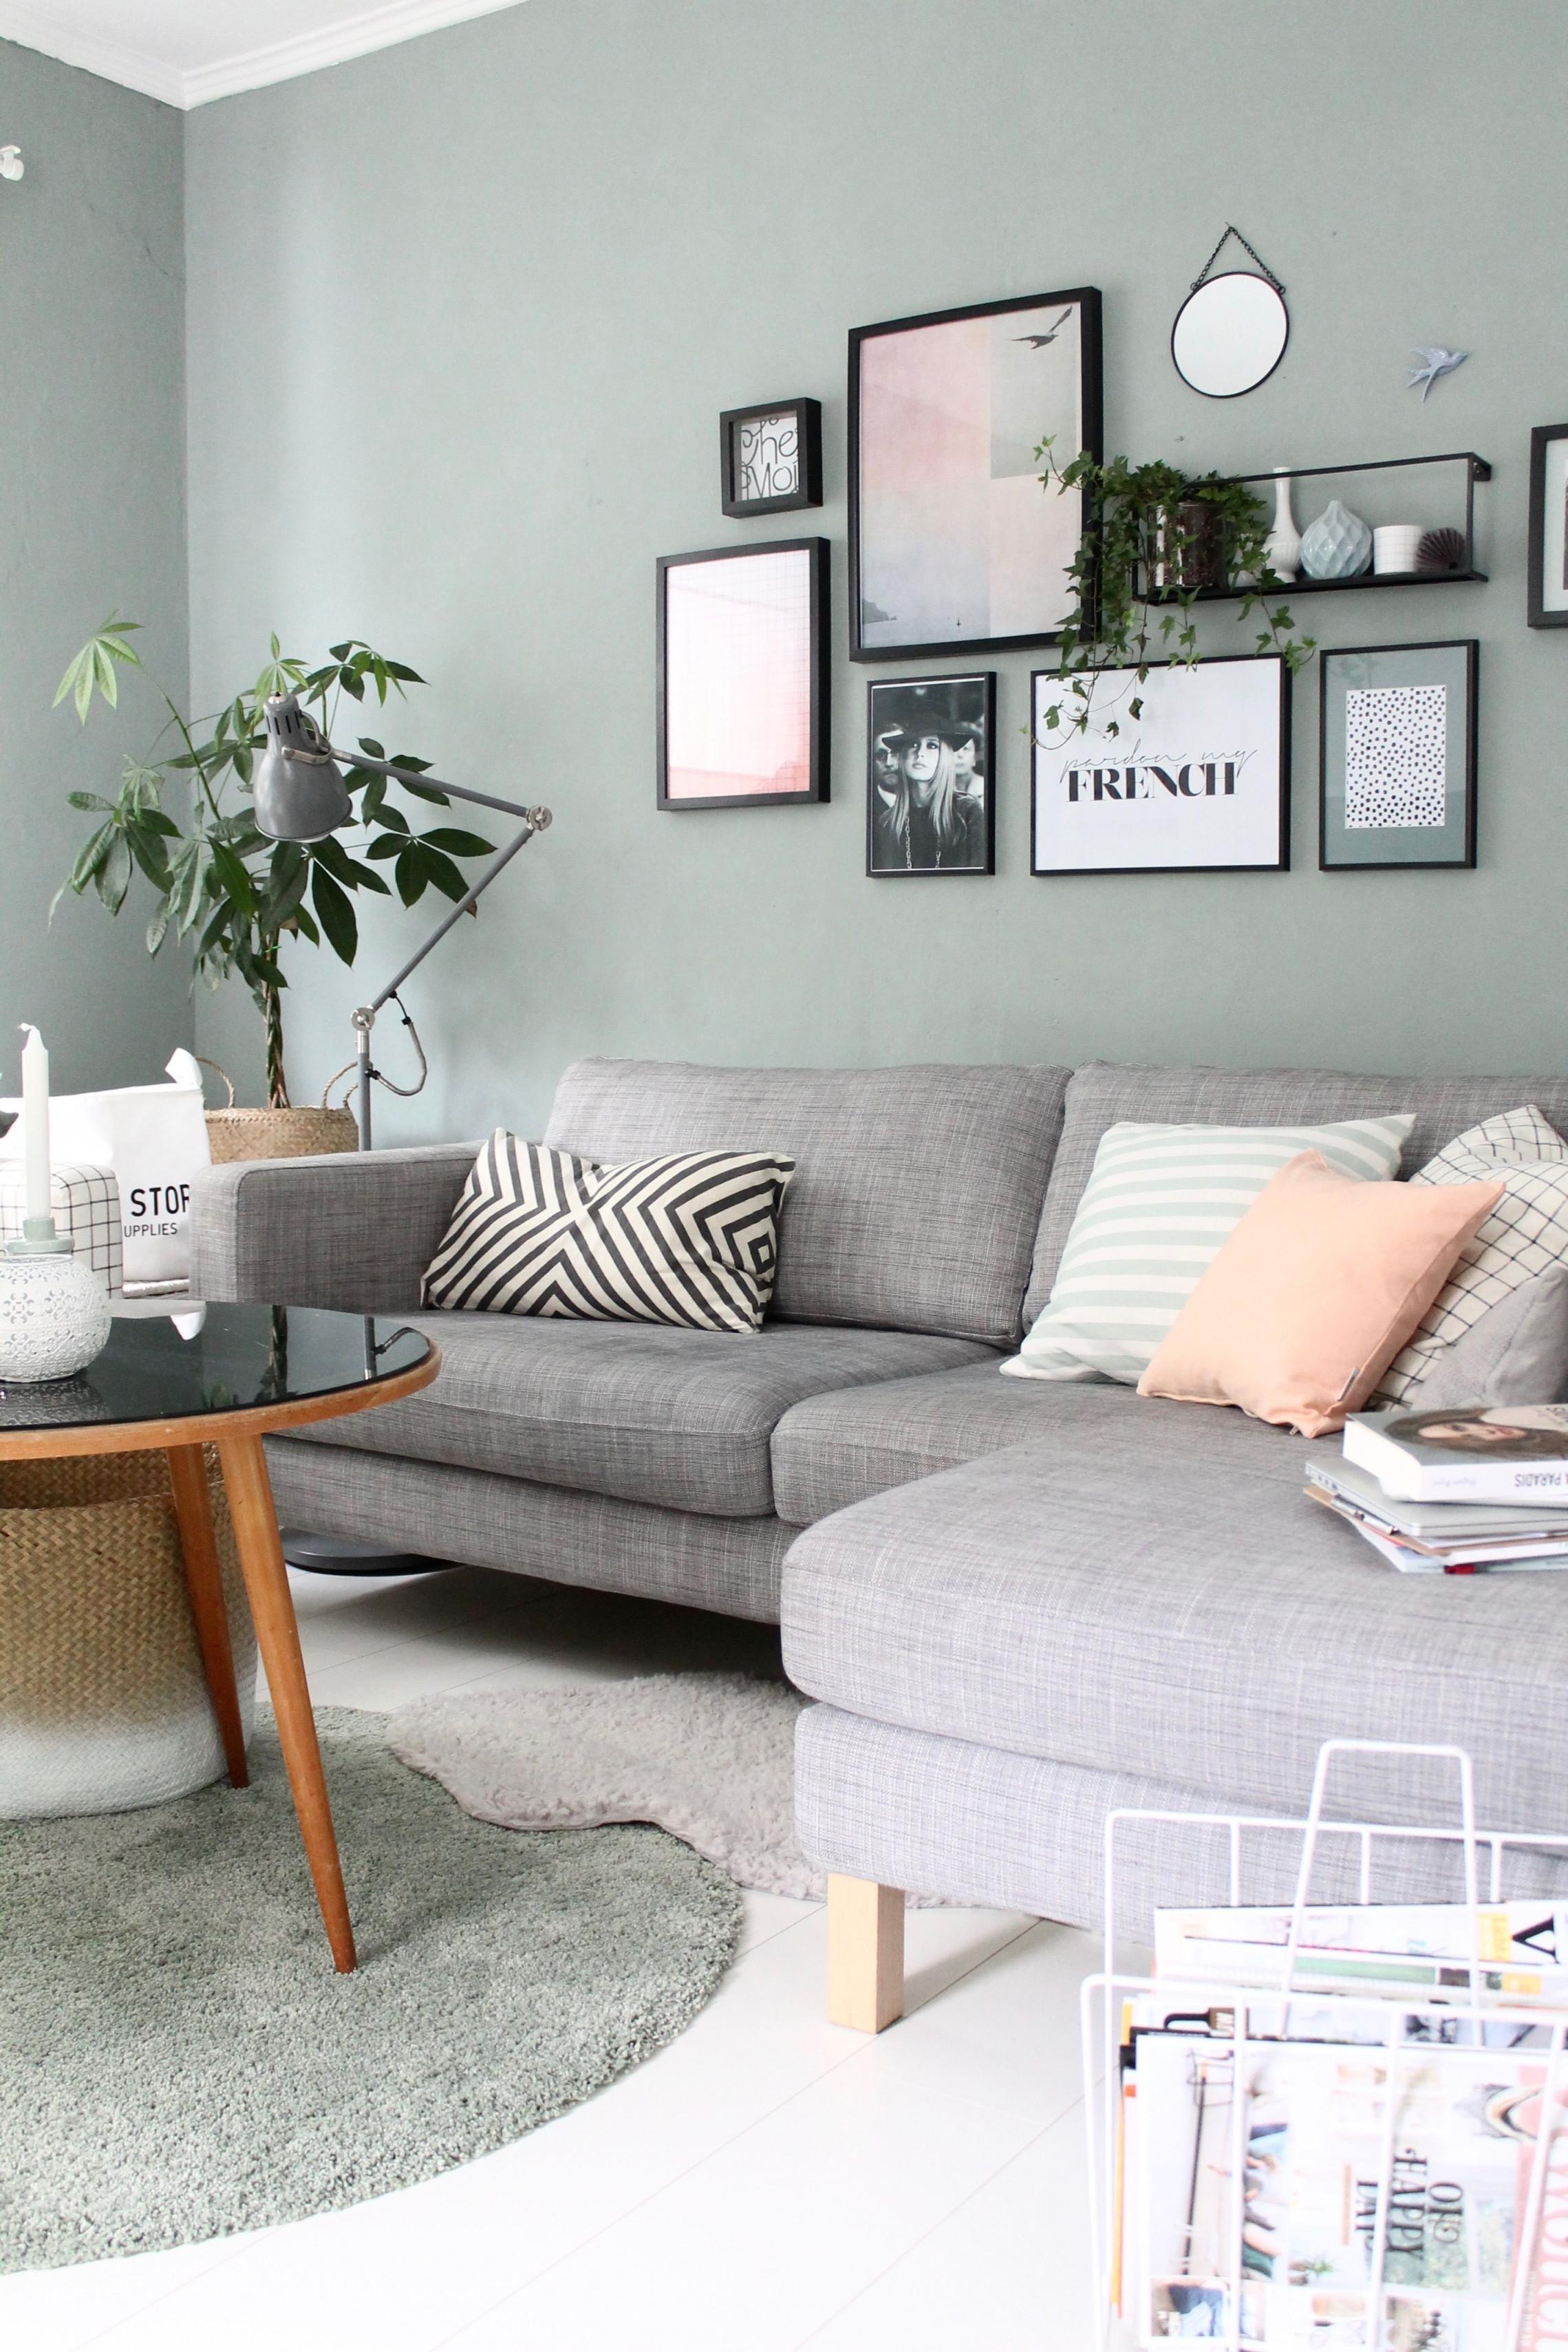 Eine Sanfte Wandfarbe Im Wohnzimmer Wwwkolorat Kolorat von Wandfarbe Wohnzimmer Ideen Photo